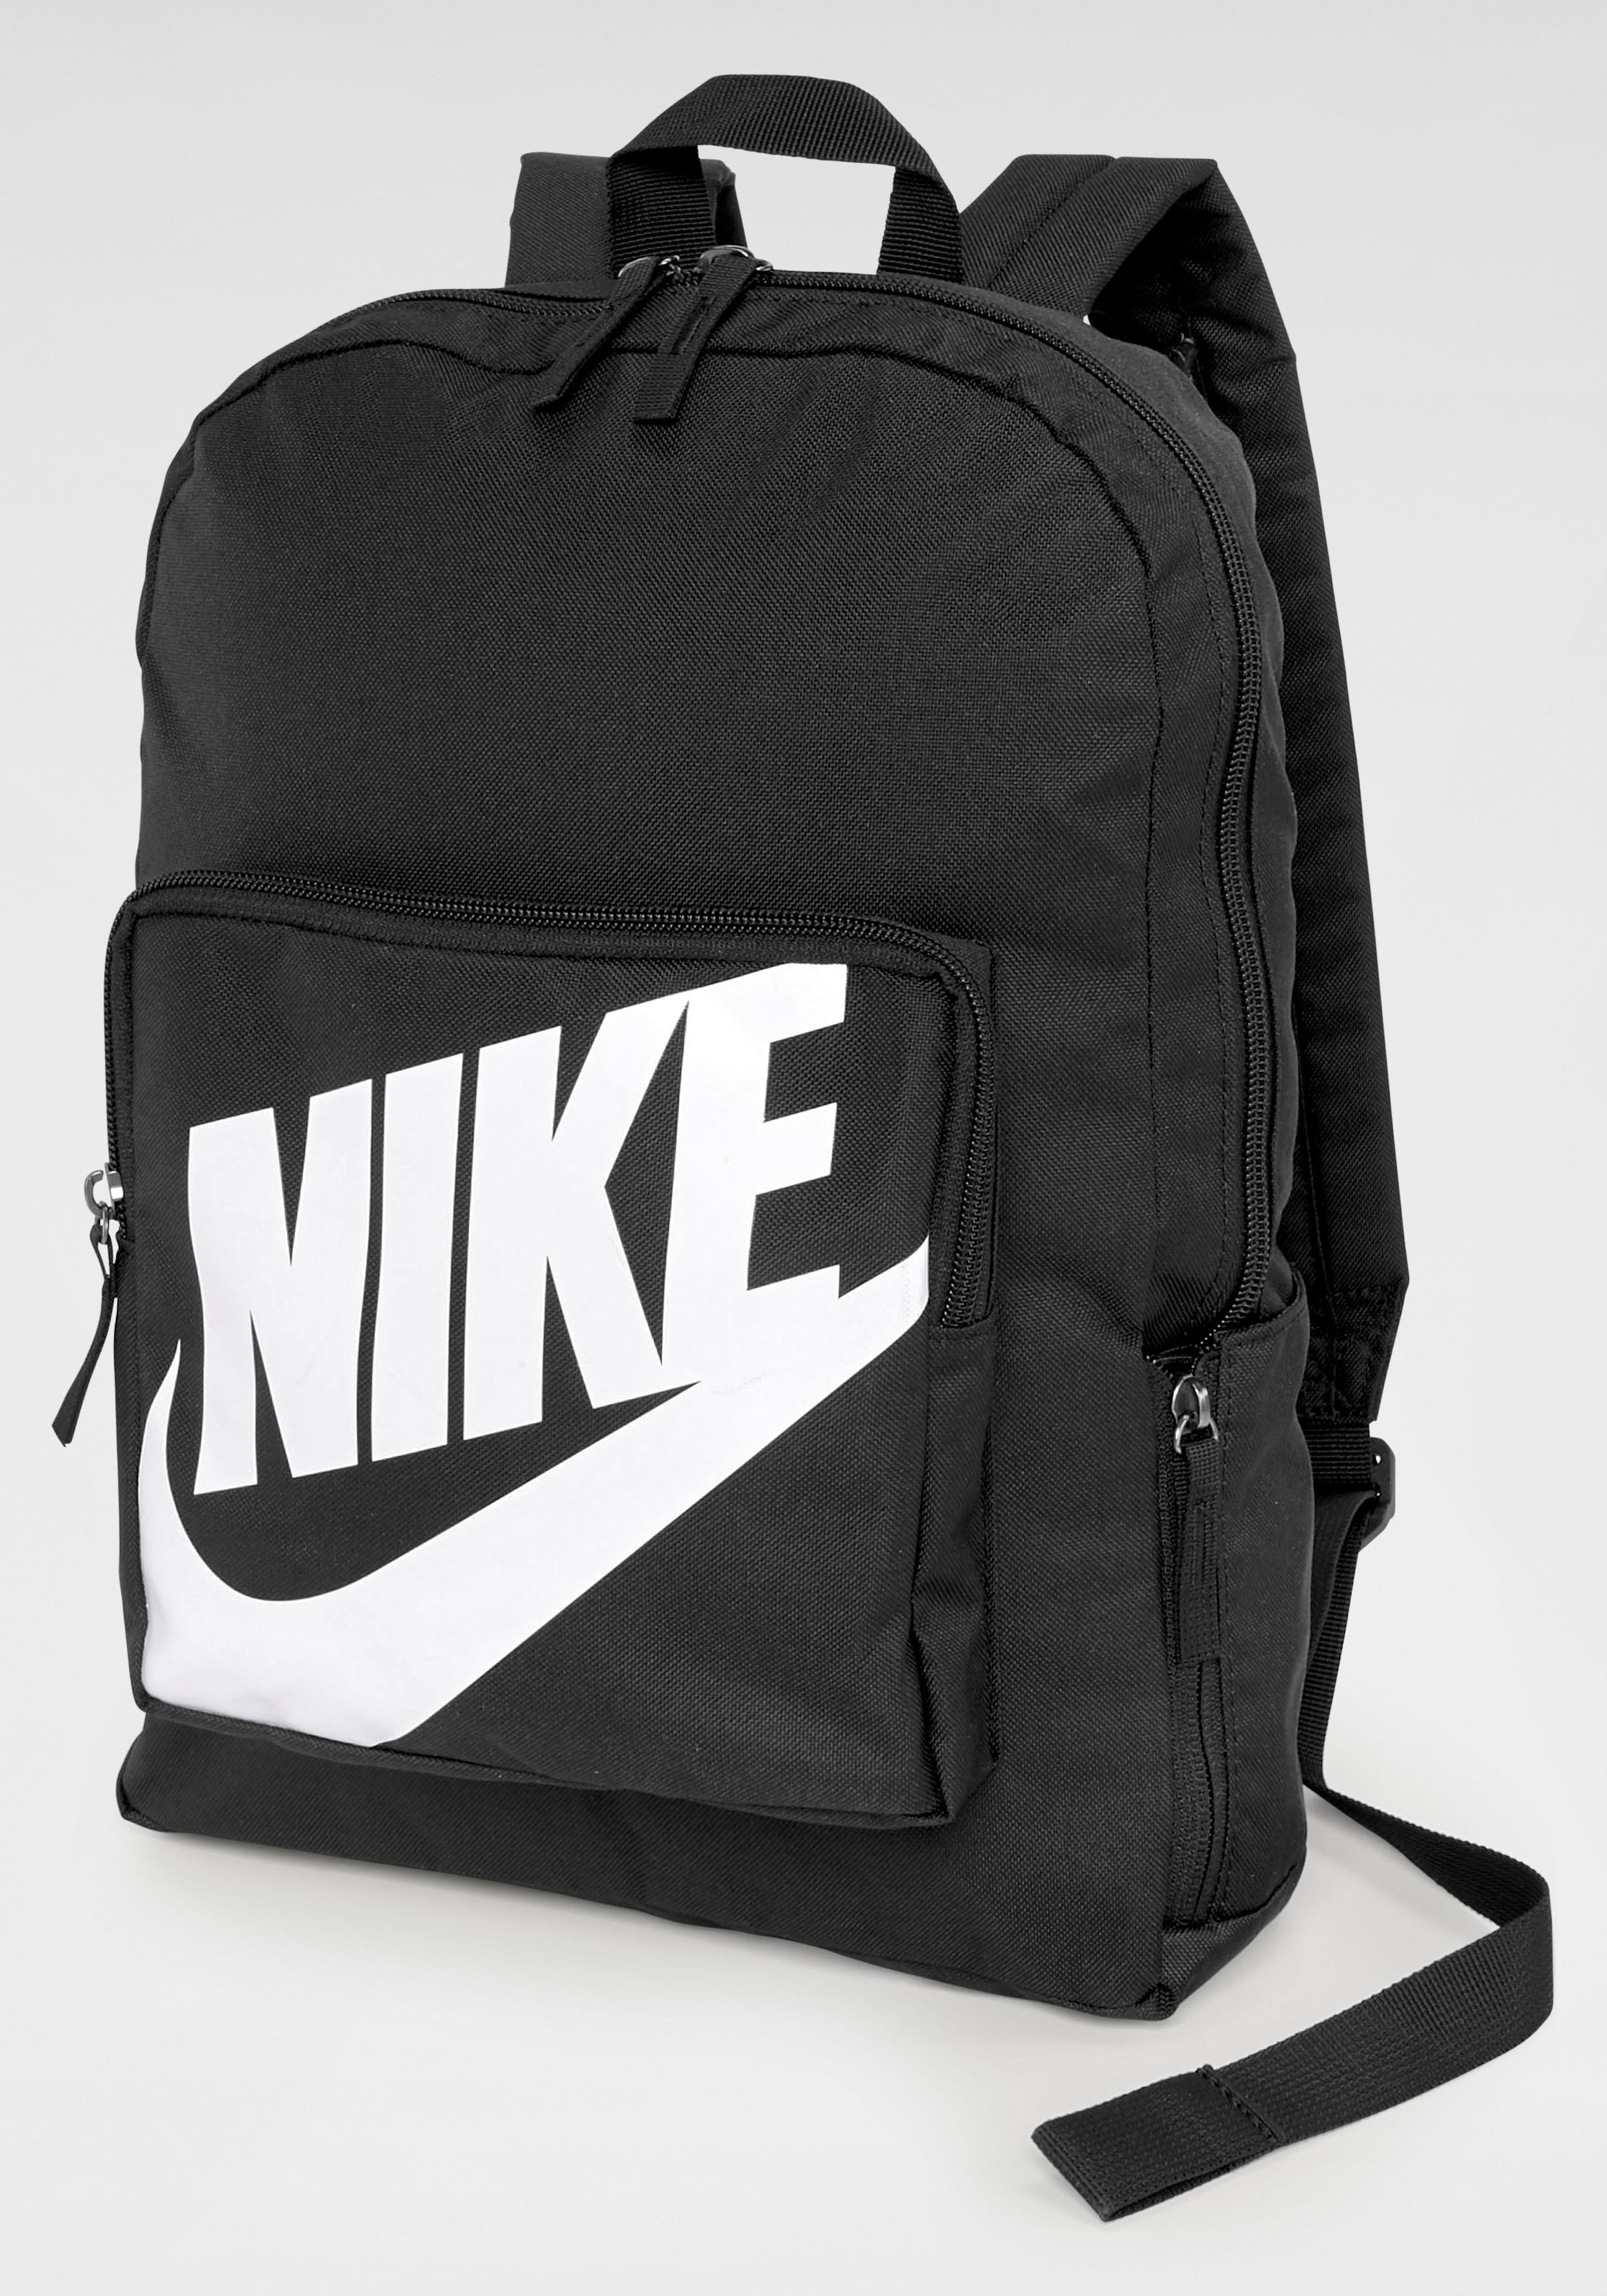 Nike Sportswear sportrugzak »YOUTH NIKE CLASSIC BACKPACK« - gratis ruilen op otto.nl